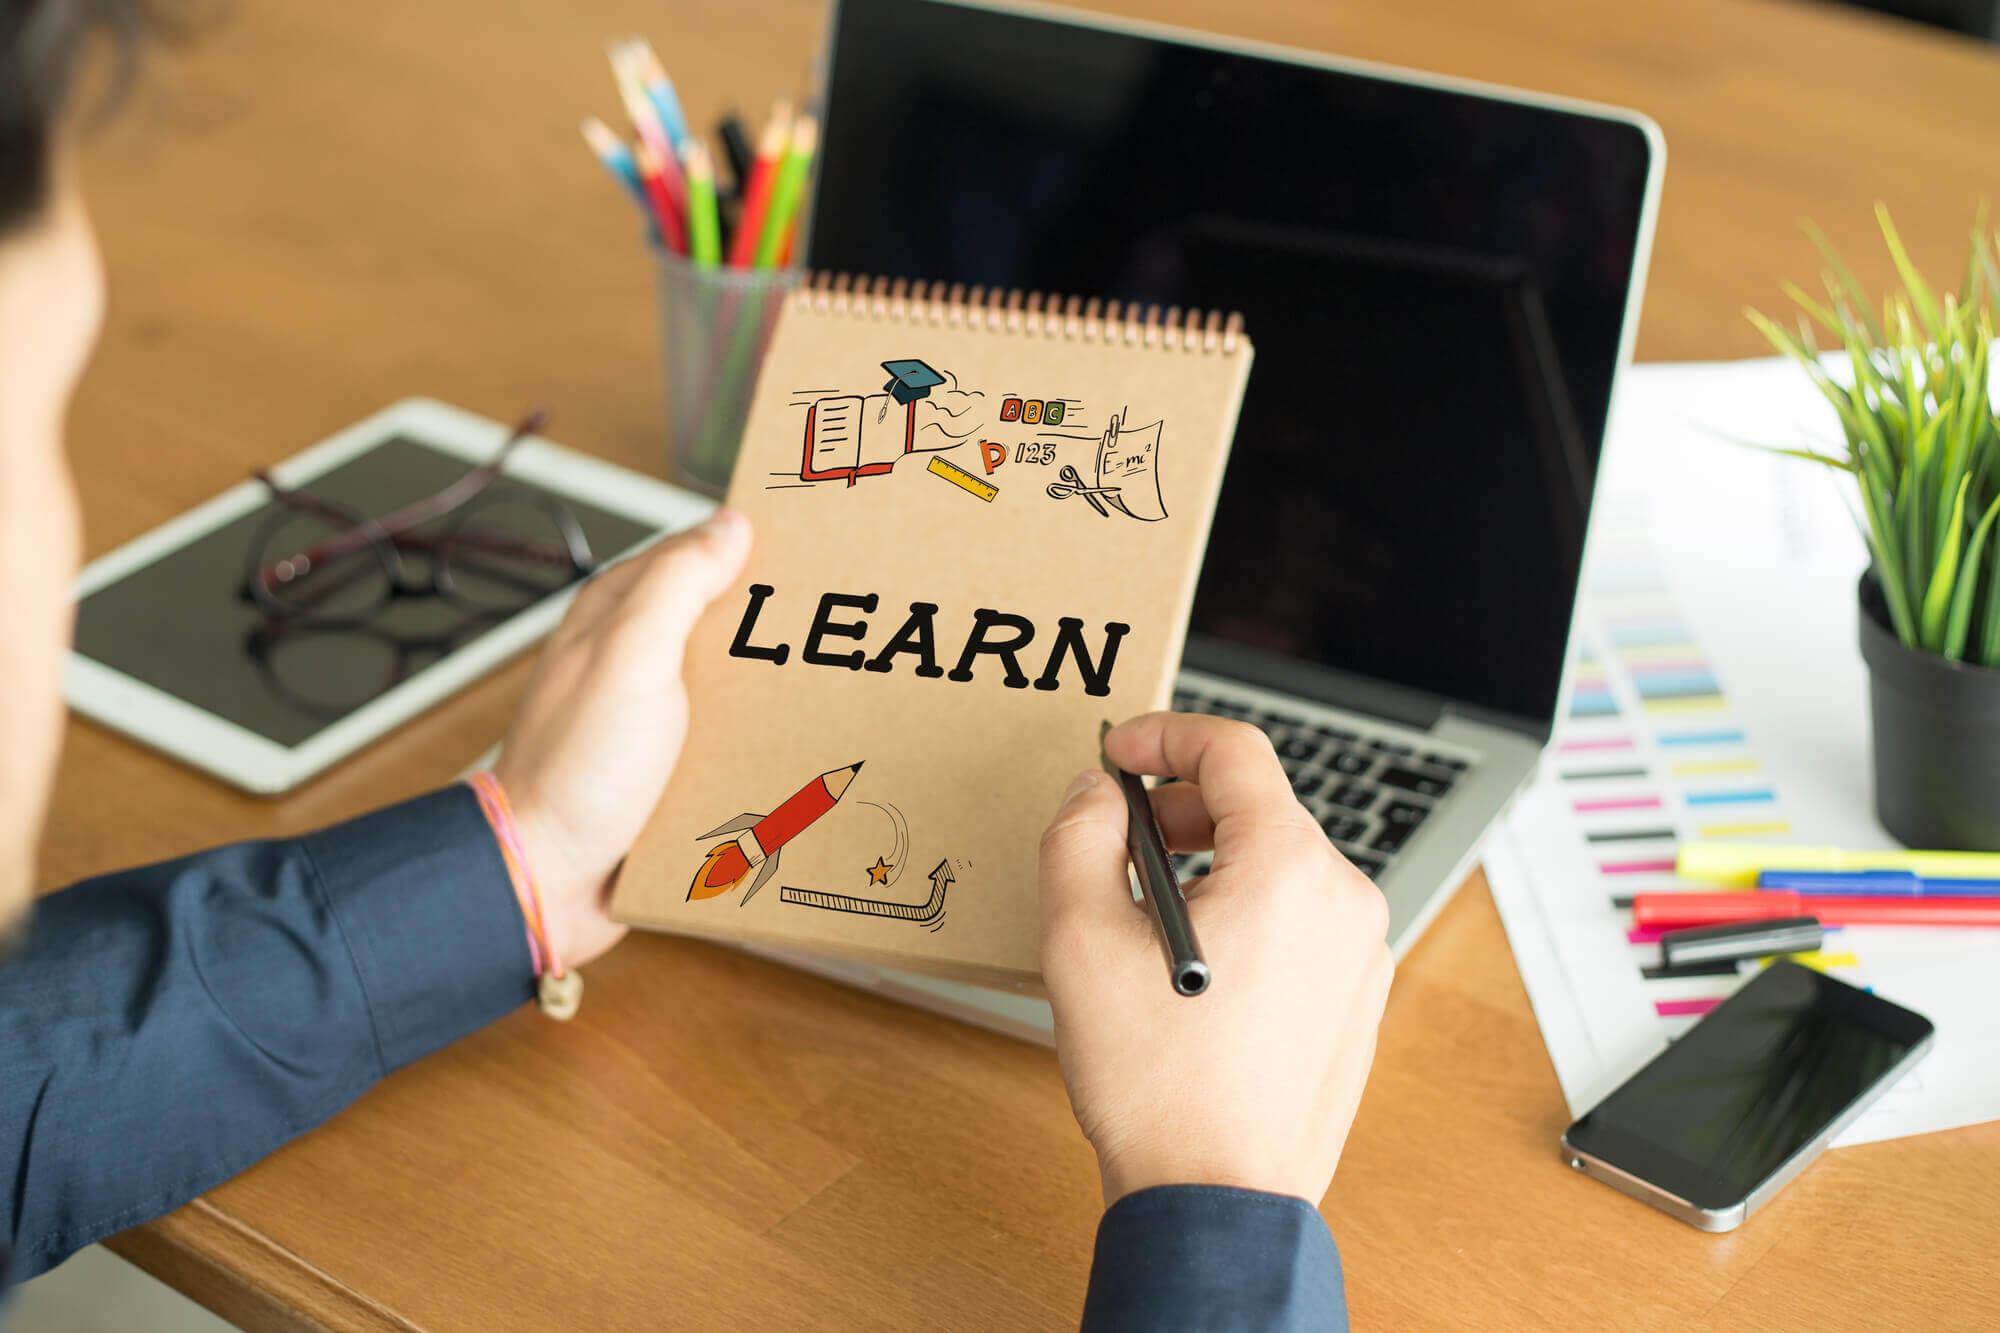 آموزش مجازی: روش ها و انواع